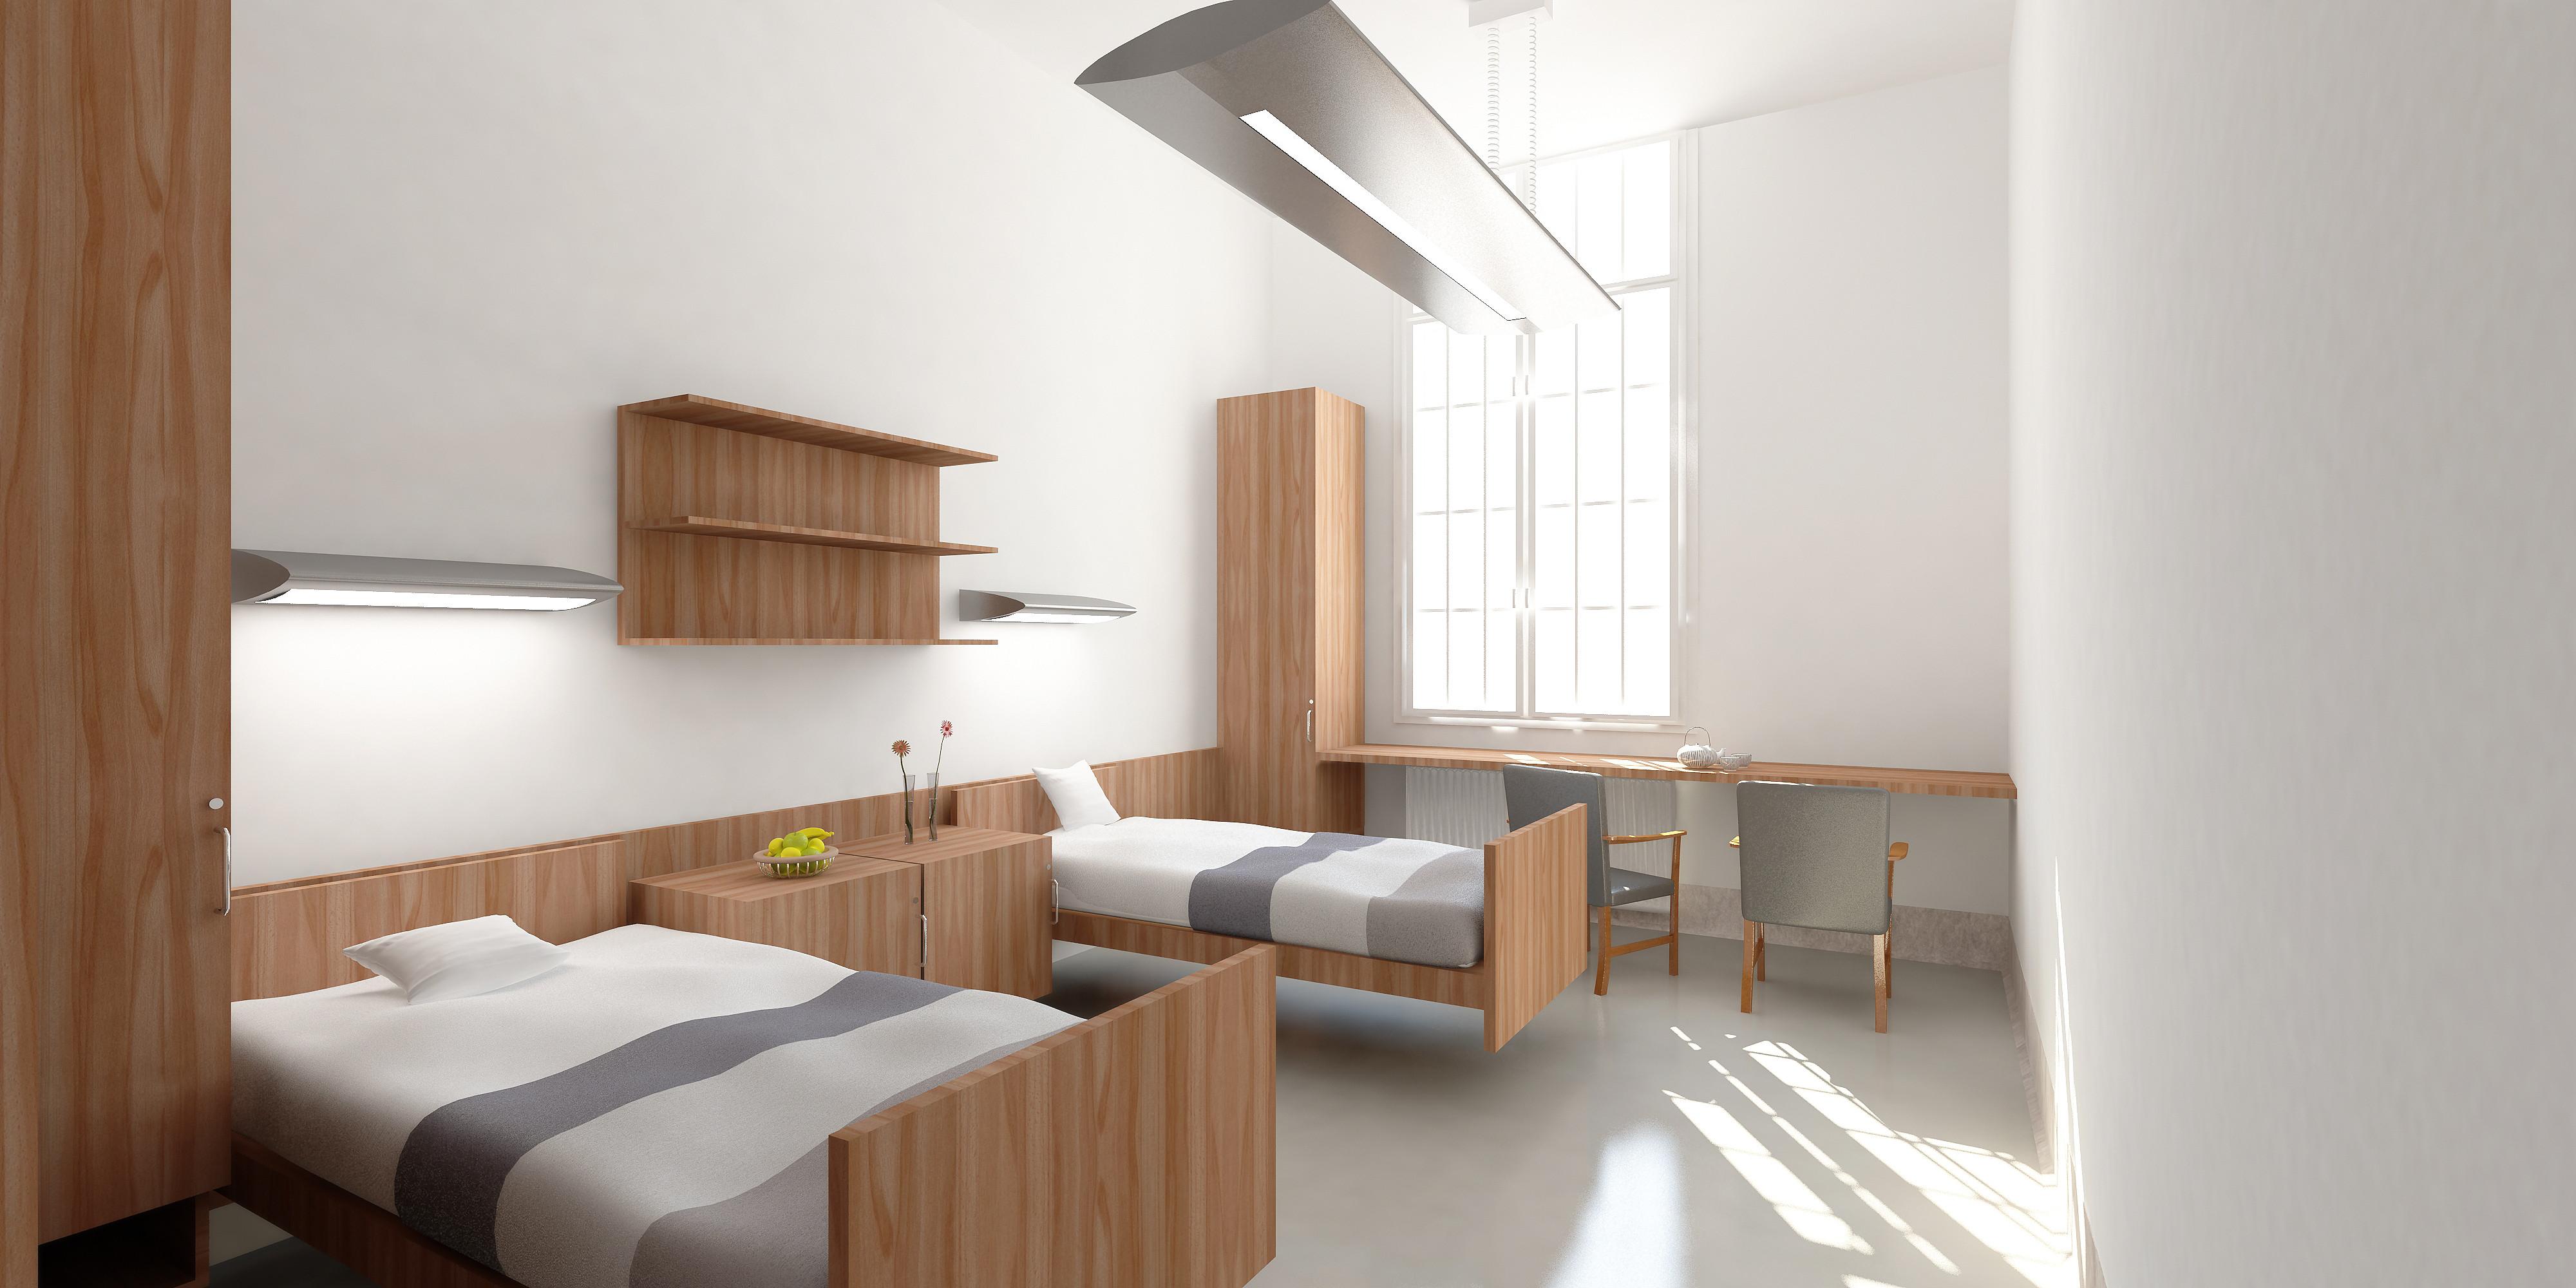 © RUNSER / PRANTL architekten, Otto Wagner Spital Pavillon 17, 1140 Wien, Österreich, 2011, Spital, Krankenhaus, Phychiatrische Abteilung